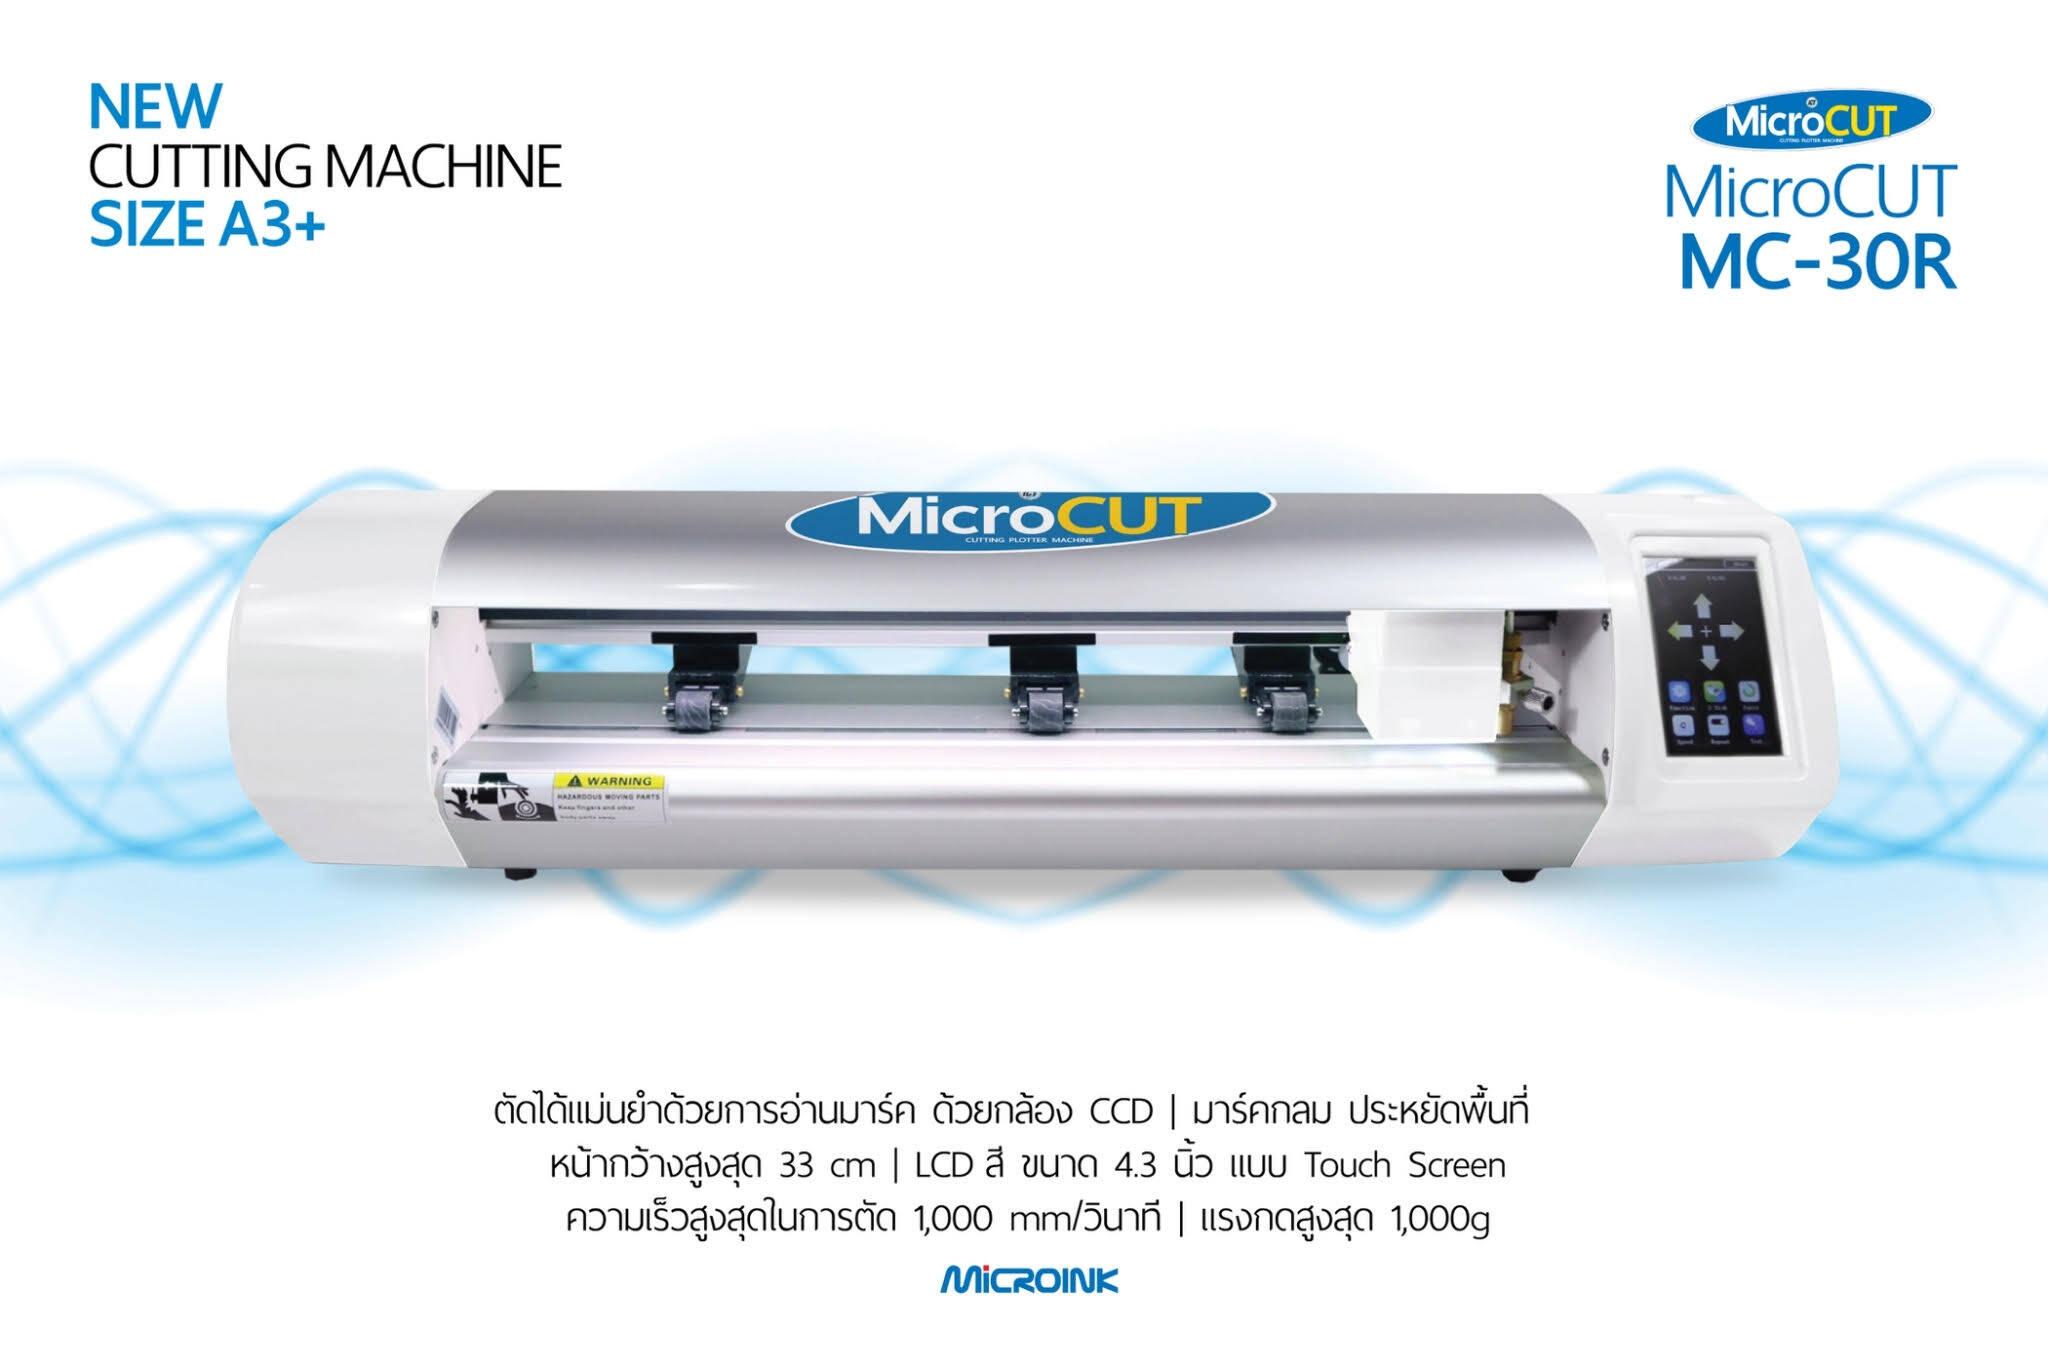 เครื่องตัดสติ๊กเกอร์ตัวใหม่2021 รุ่น Microcut ตัดออโต้ Cutting Plotter 30cm Microcut30r.